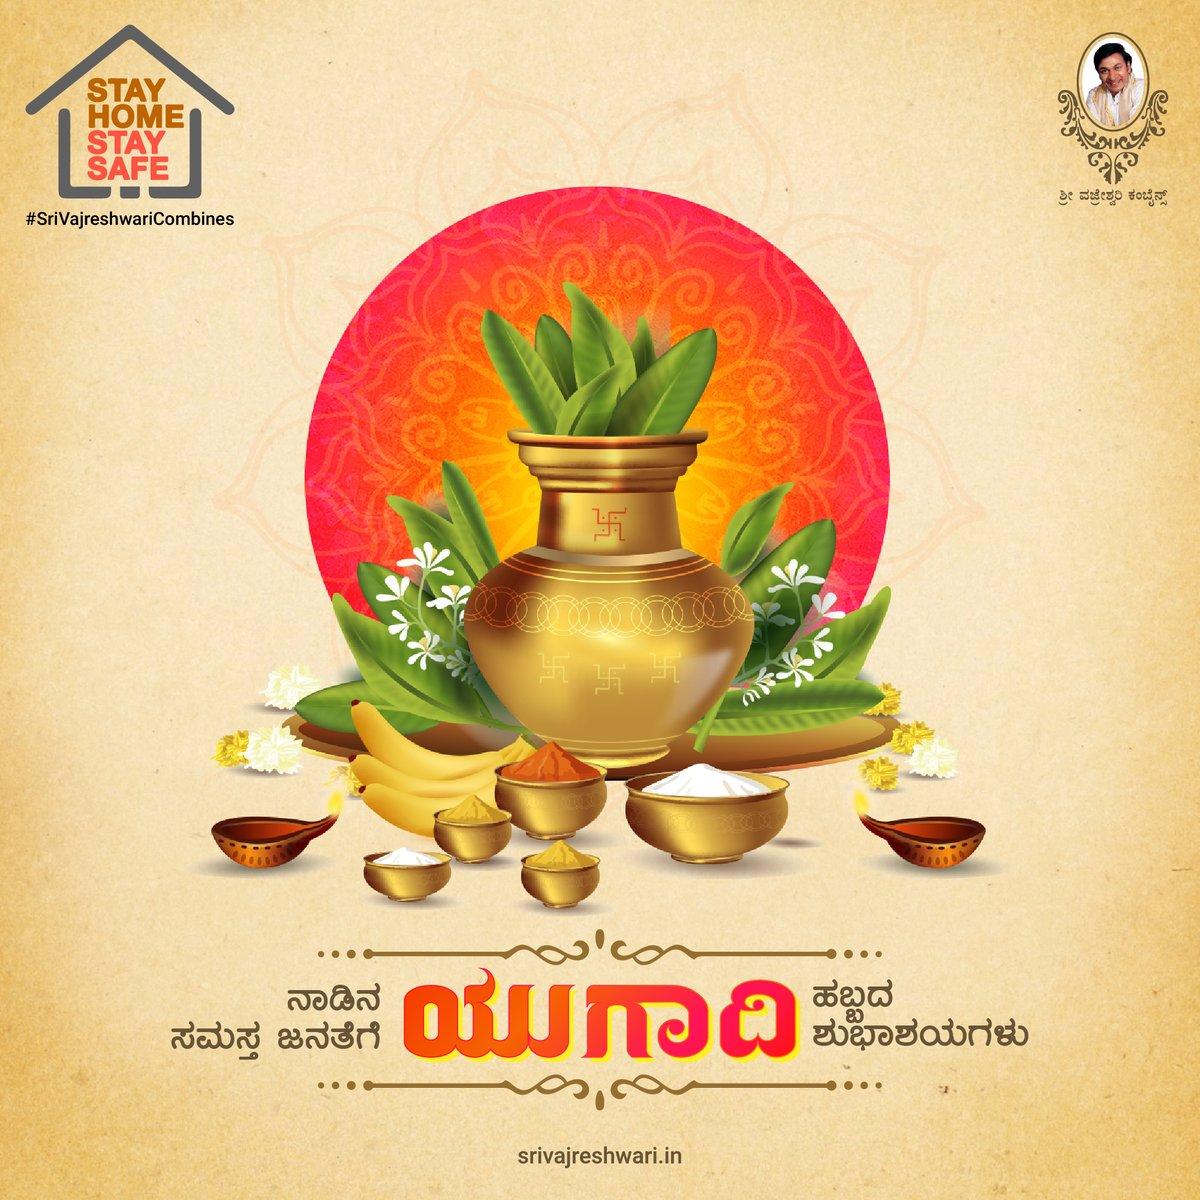 ನಾಡಿನ ಸಮಸ್ತ ಜನತೆಗೆ ಯುಗಾದಿ ಹಬ್ಬದ ಶುಭಾಶಯಗಳು... ಎಲ್ಲಾ ಕಷ್ಟಗಳು ದೂರವಾಗಿ ಖುಷಿಯೊಂದೇ ನಿಮ್ಮ ಬದುಕಿನಲ್ಲಿ ನೆಲೆಯಾಗಲಿ. . Wishing everyone a happy Ugadi festival... Stay Home and Stay Safe. . . #HappyUgadi #UgadiFestival #SriVajreshwariCombines